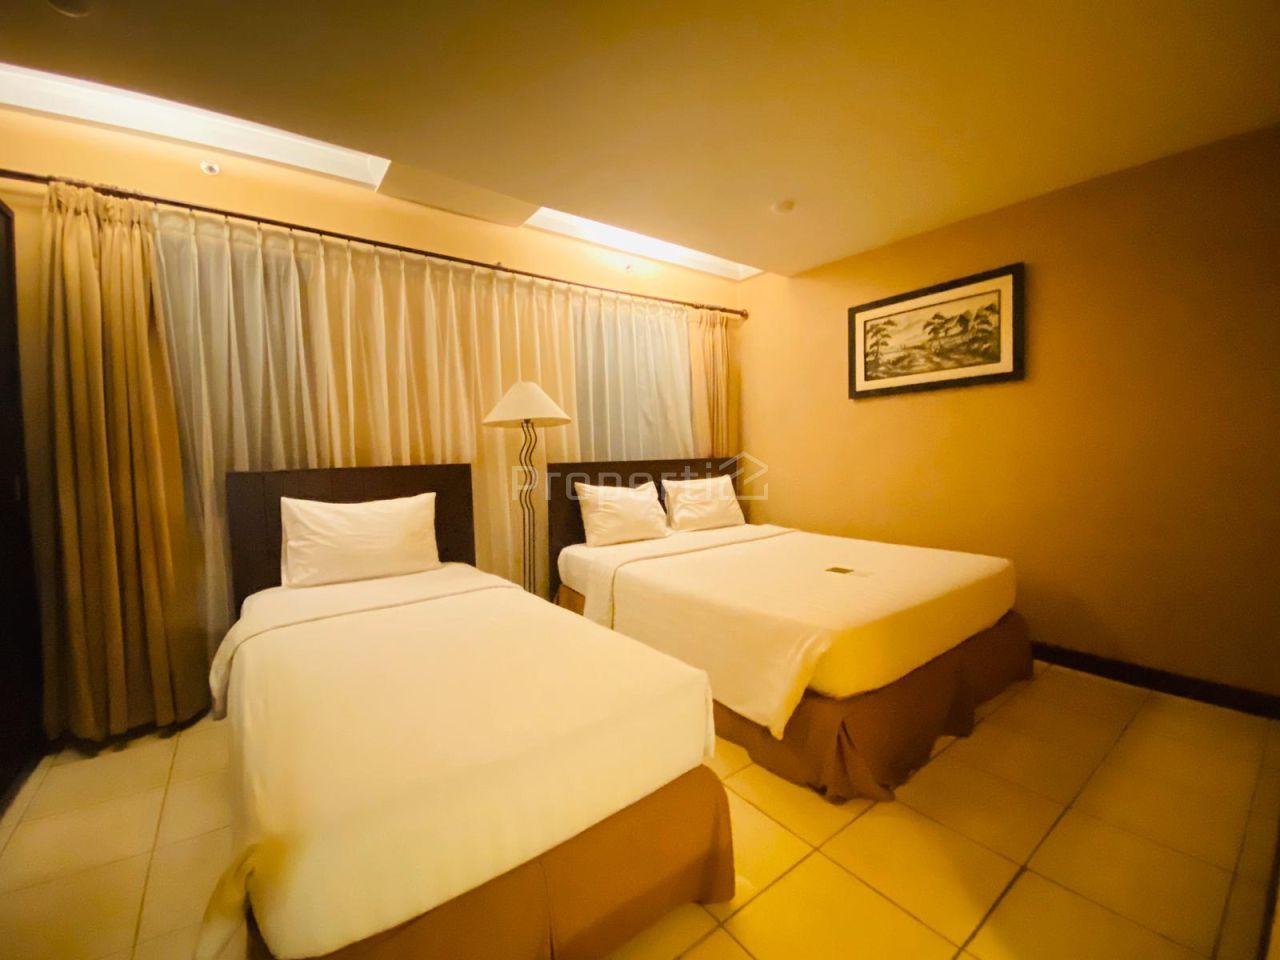 Queen Type 2 Bedroom Unit in Majesty Apartment, 1st Floor, Kota Bandung